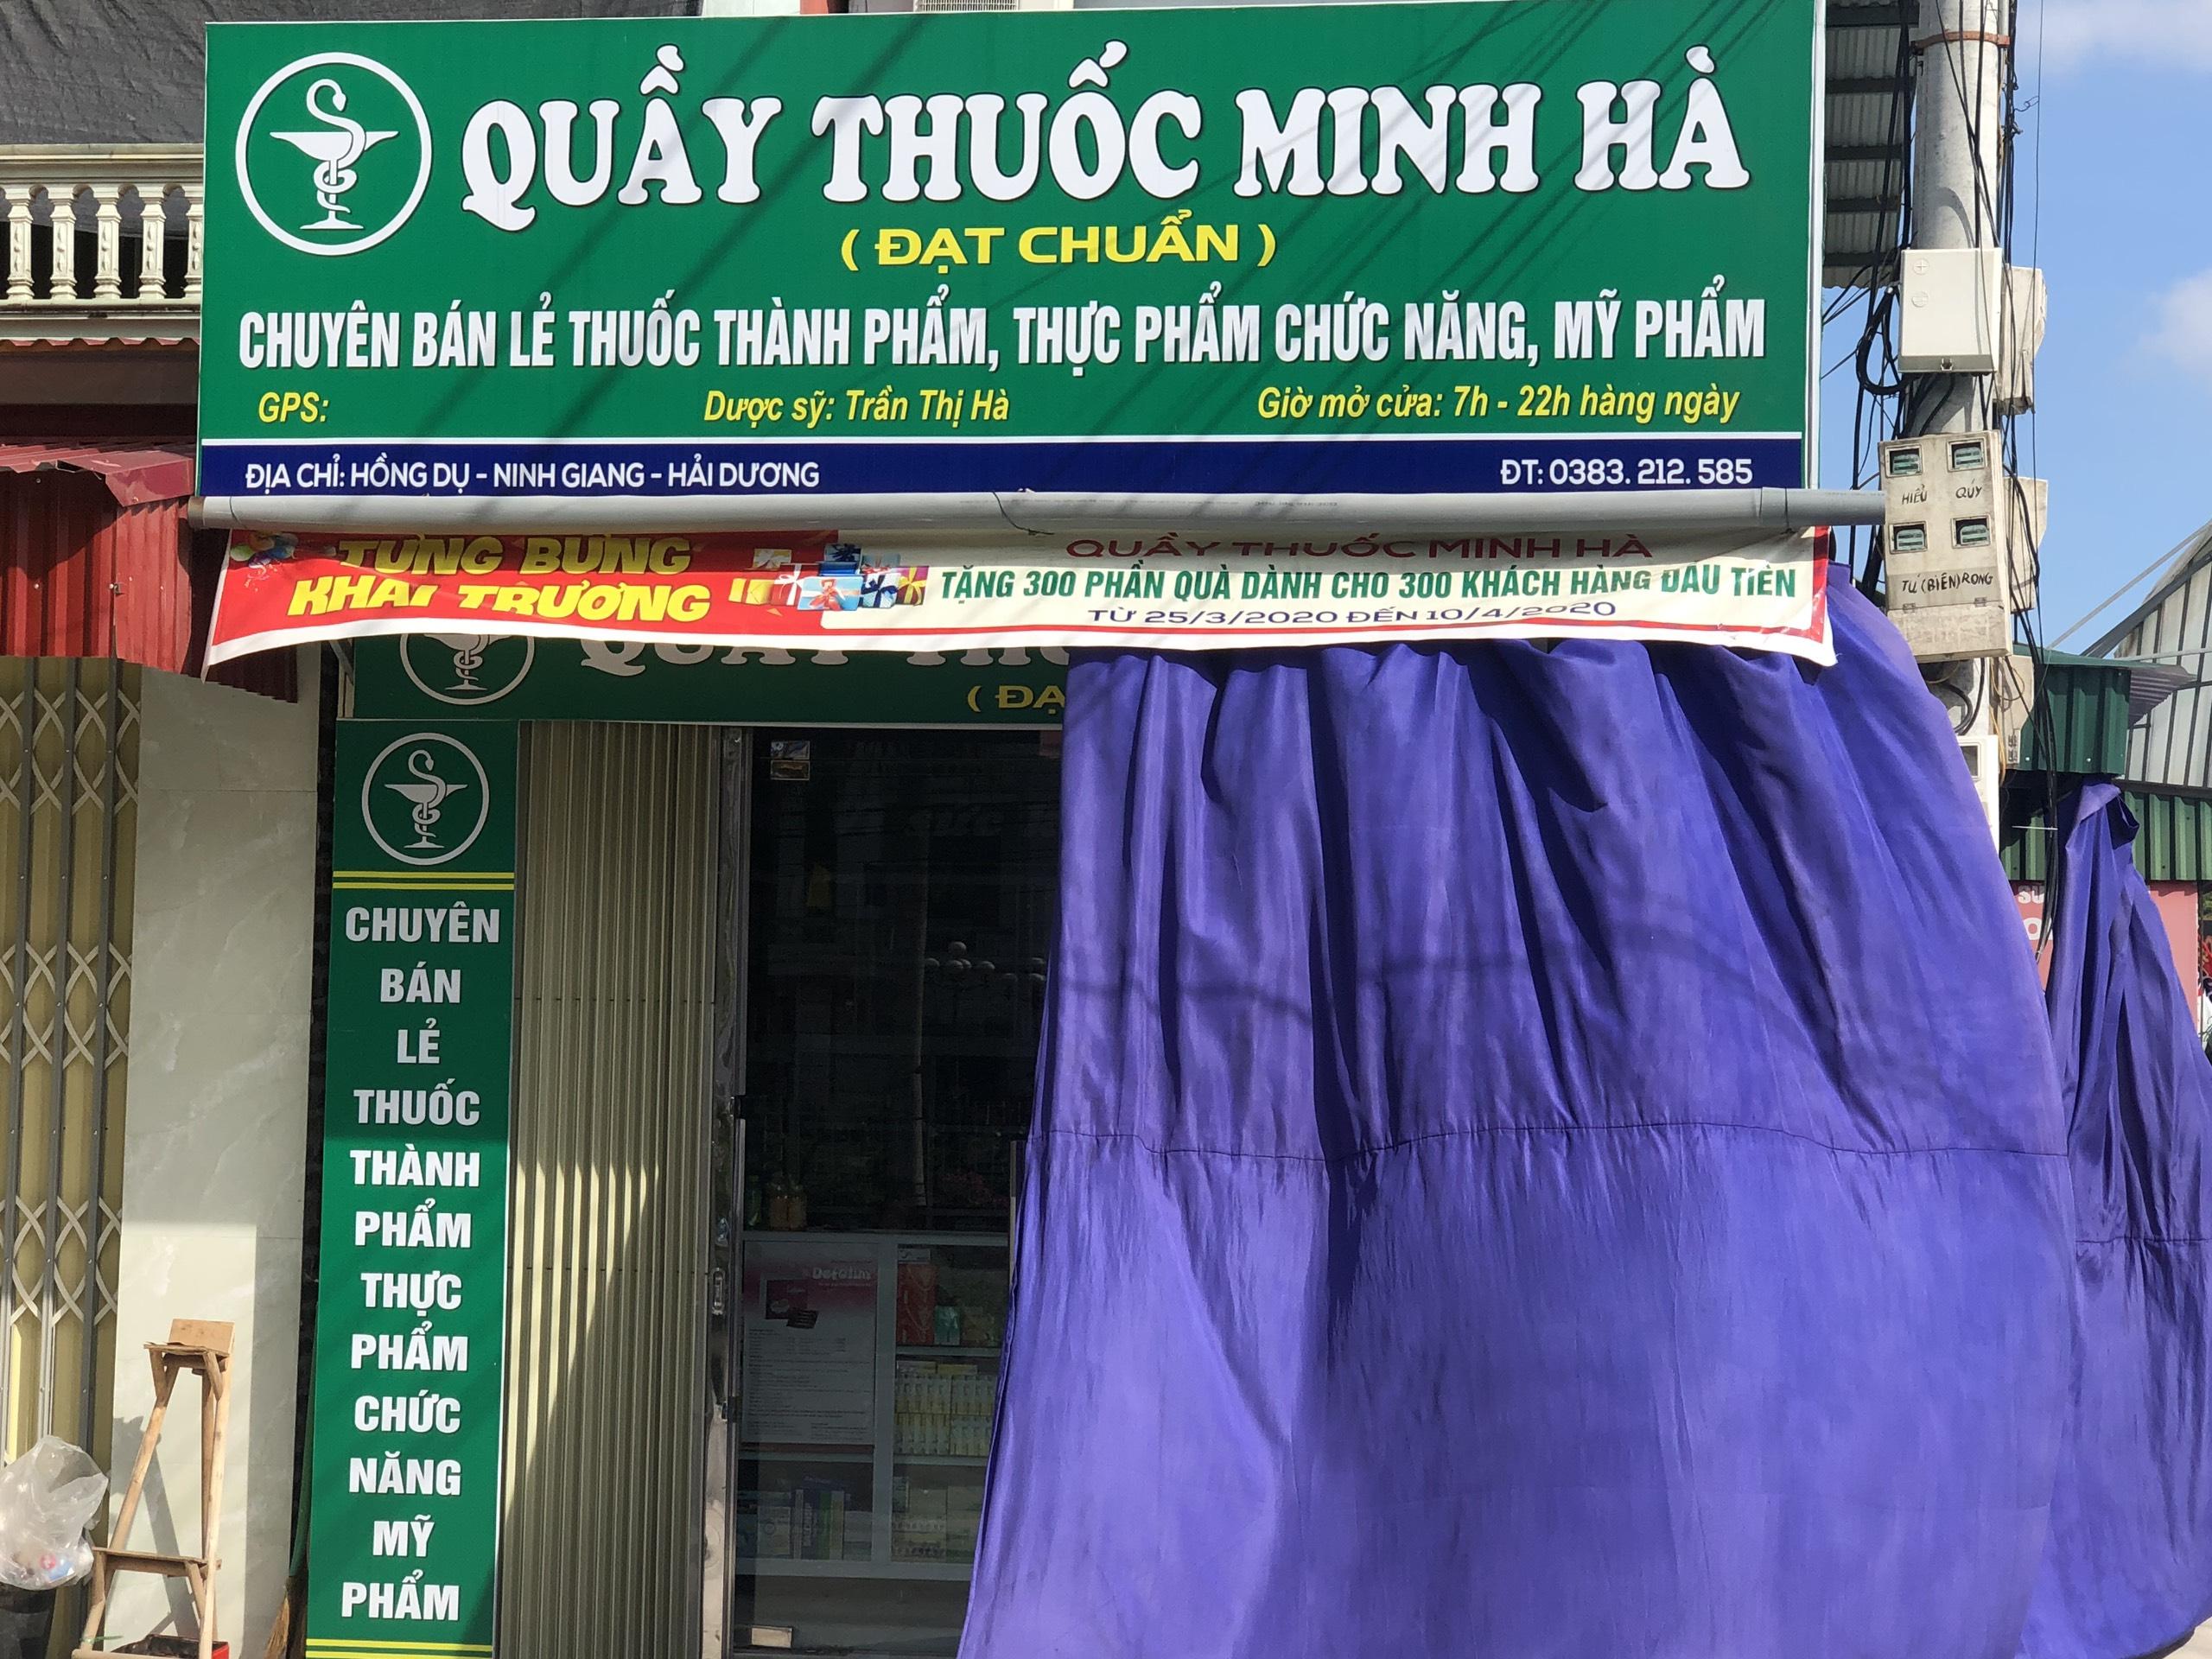 Quầy thuốc Minh Hà